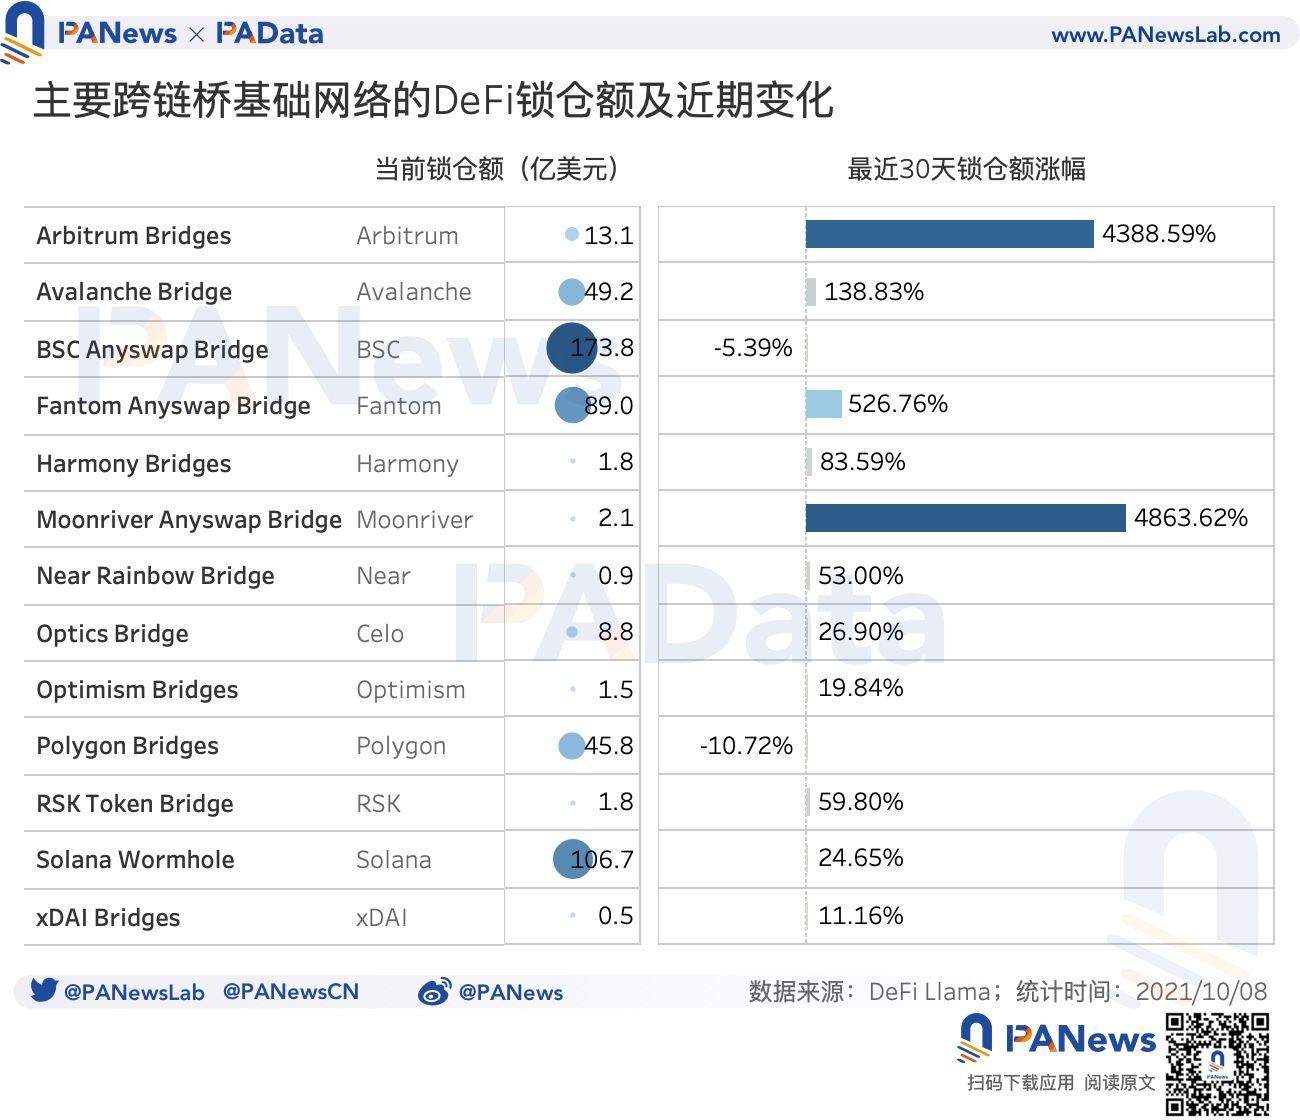 数说跨链桥:总锁仓额突破131亿美元,9月独立地址总数超12万个